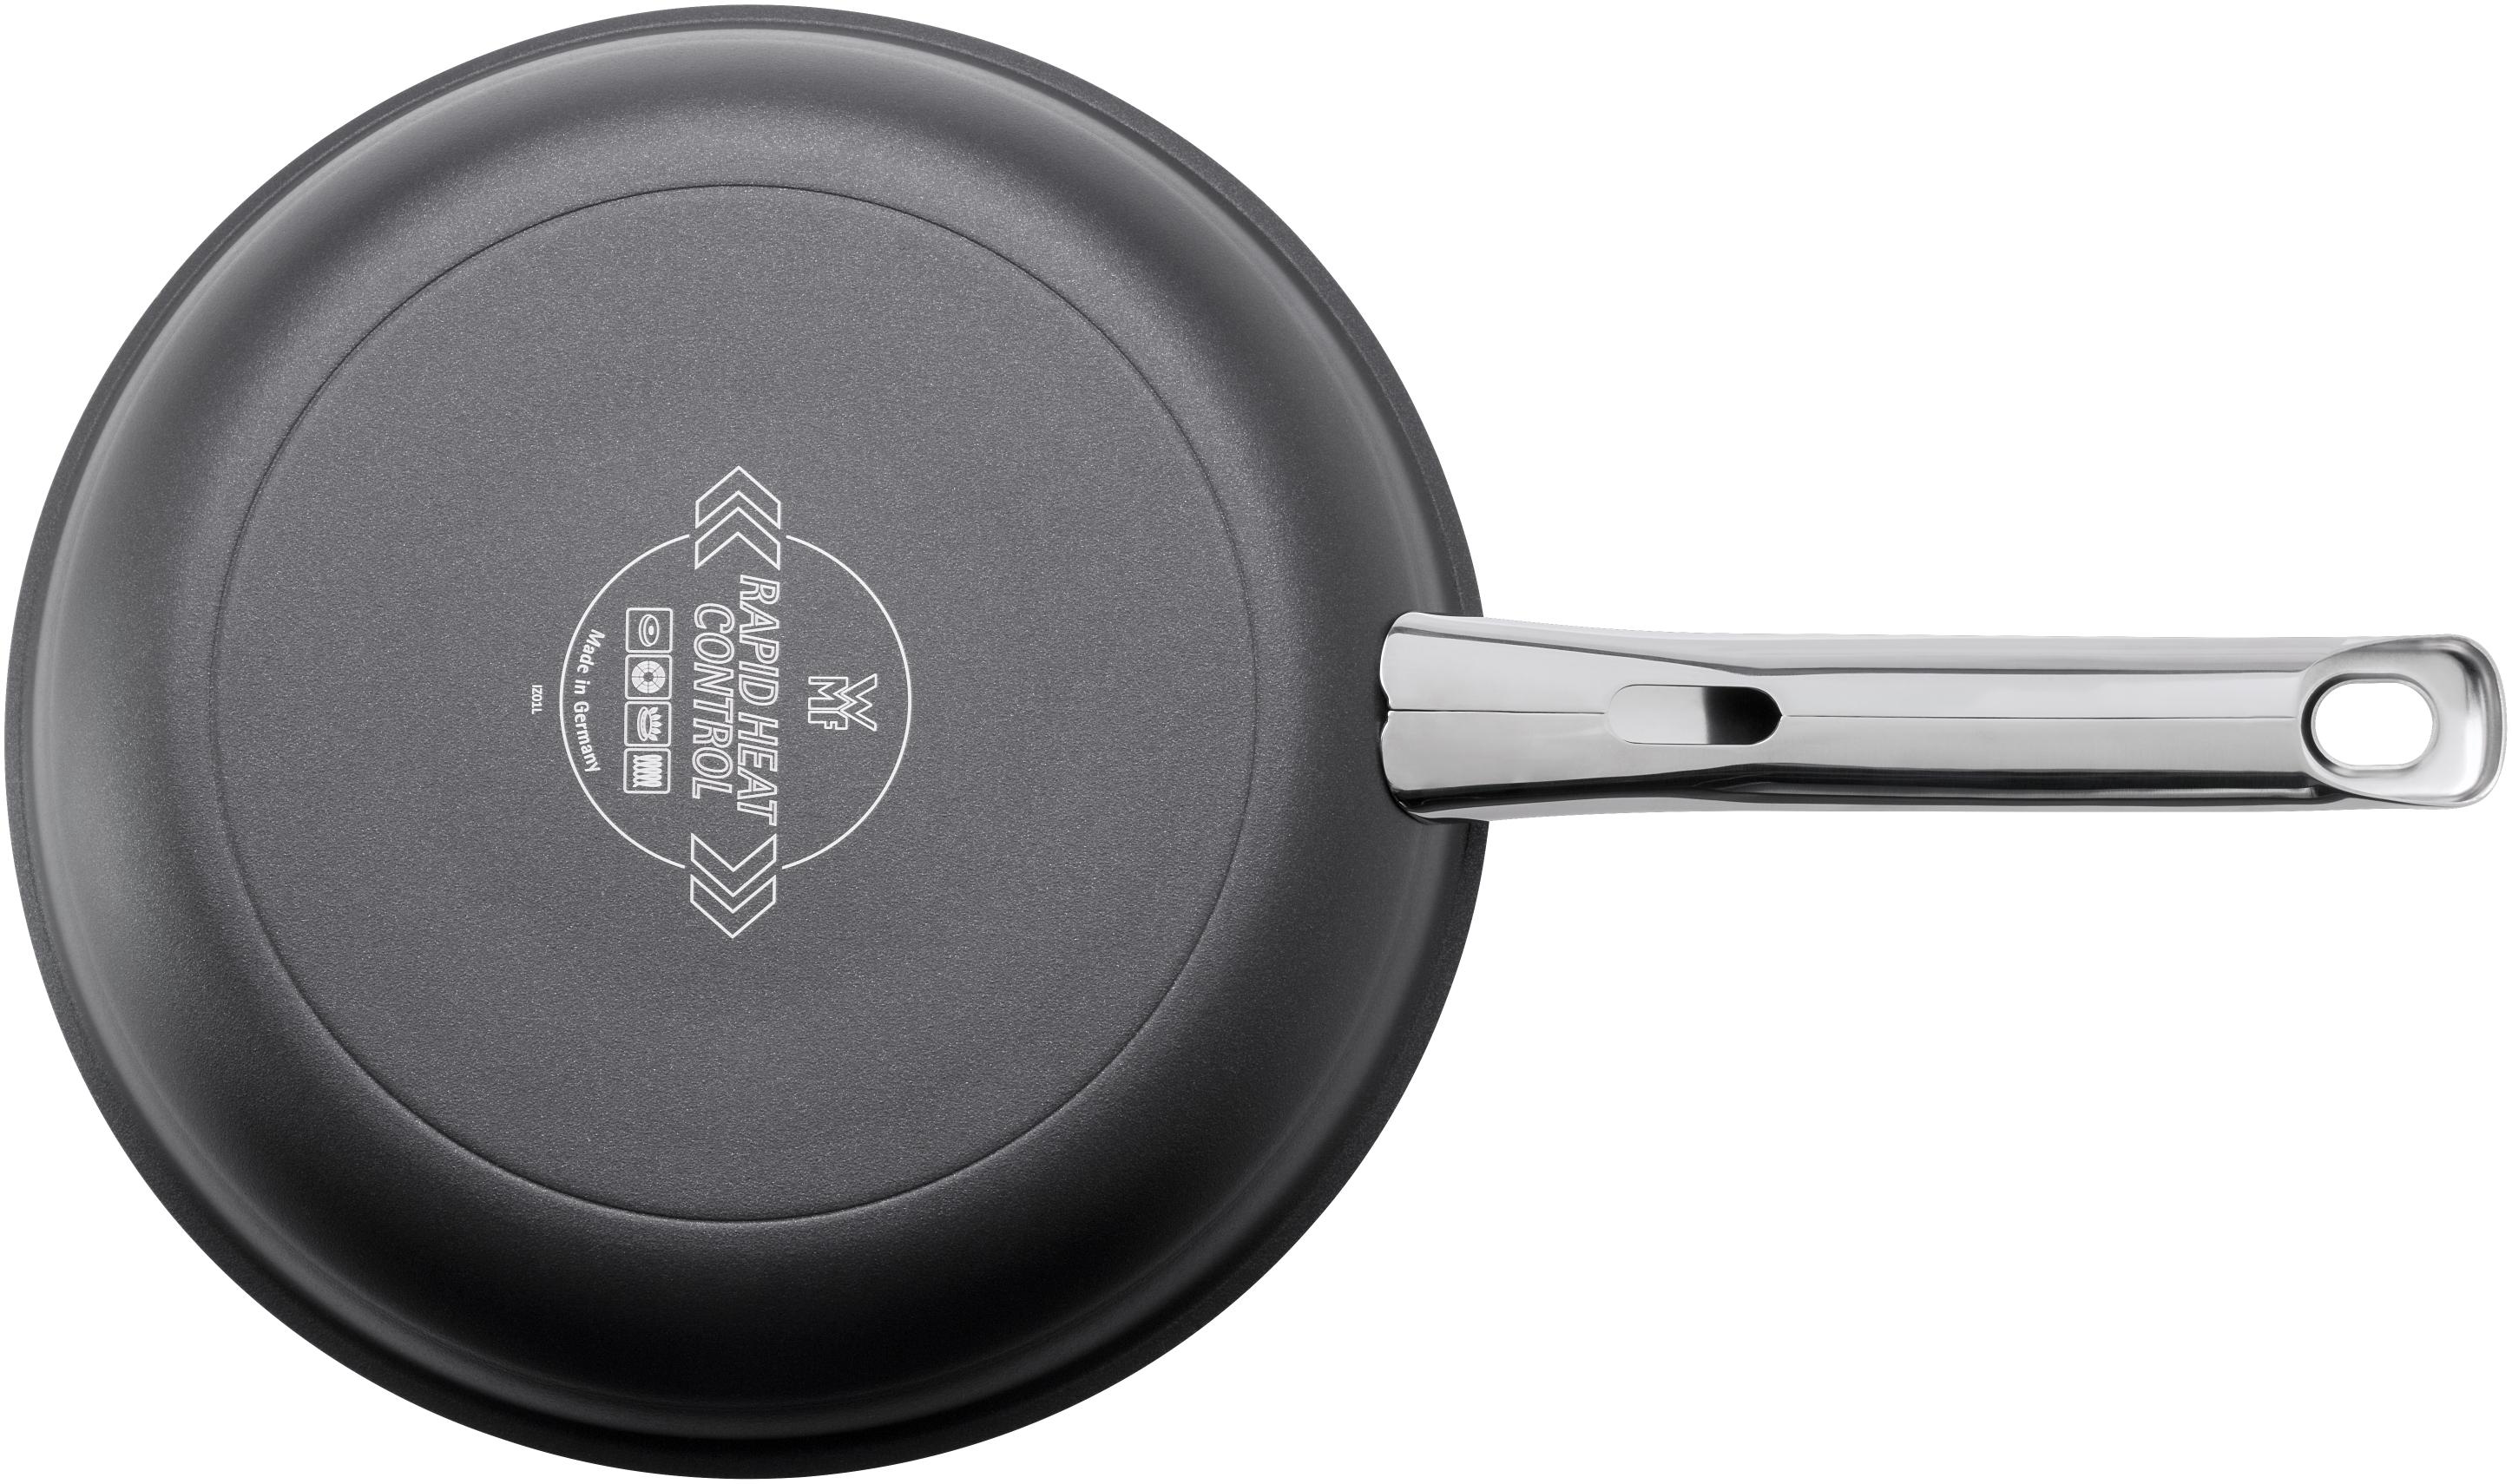 WMF Steak Profi Tava 24 cm